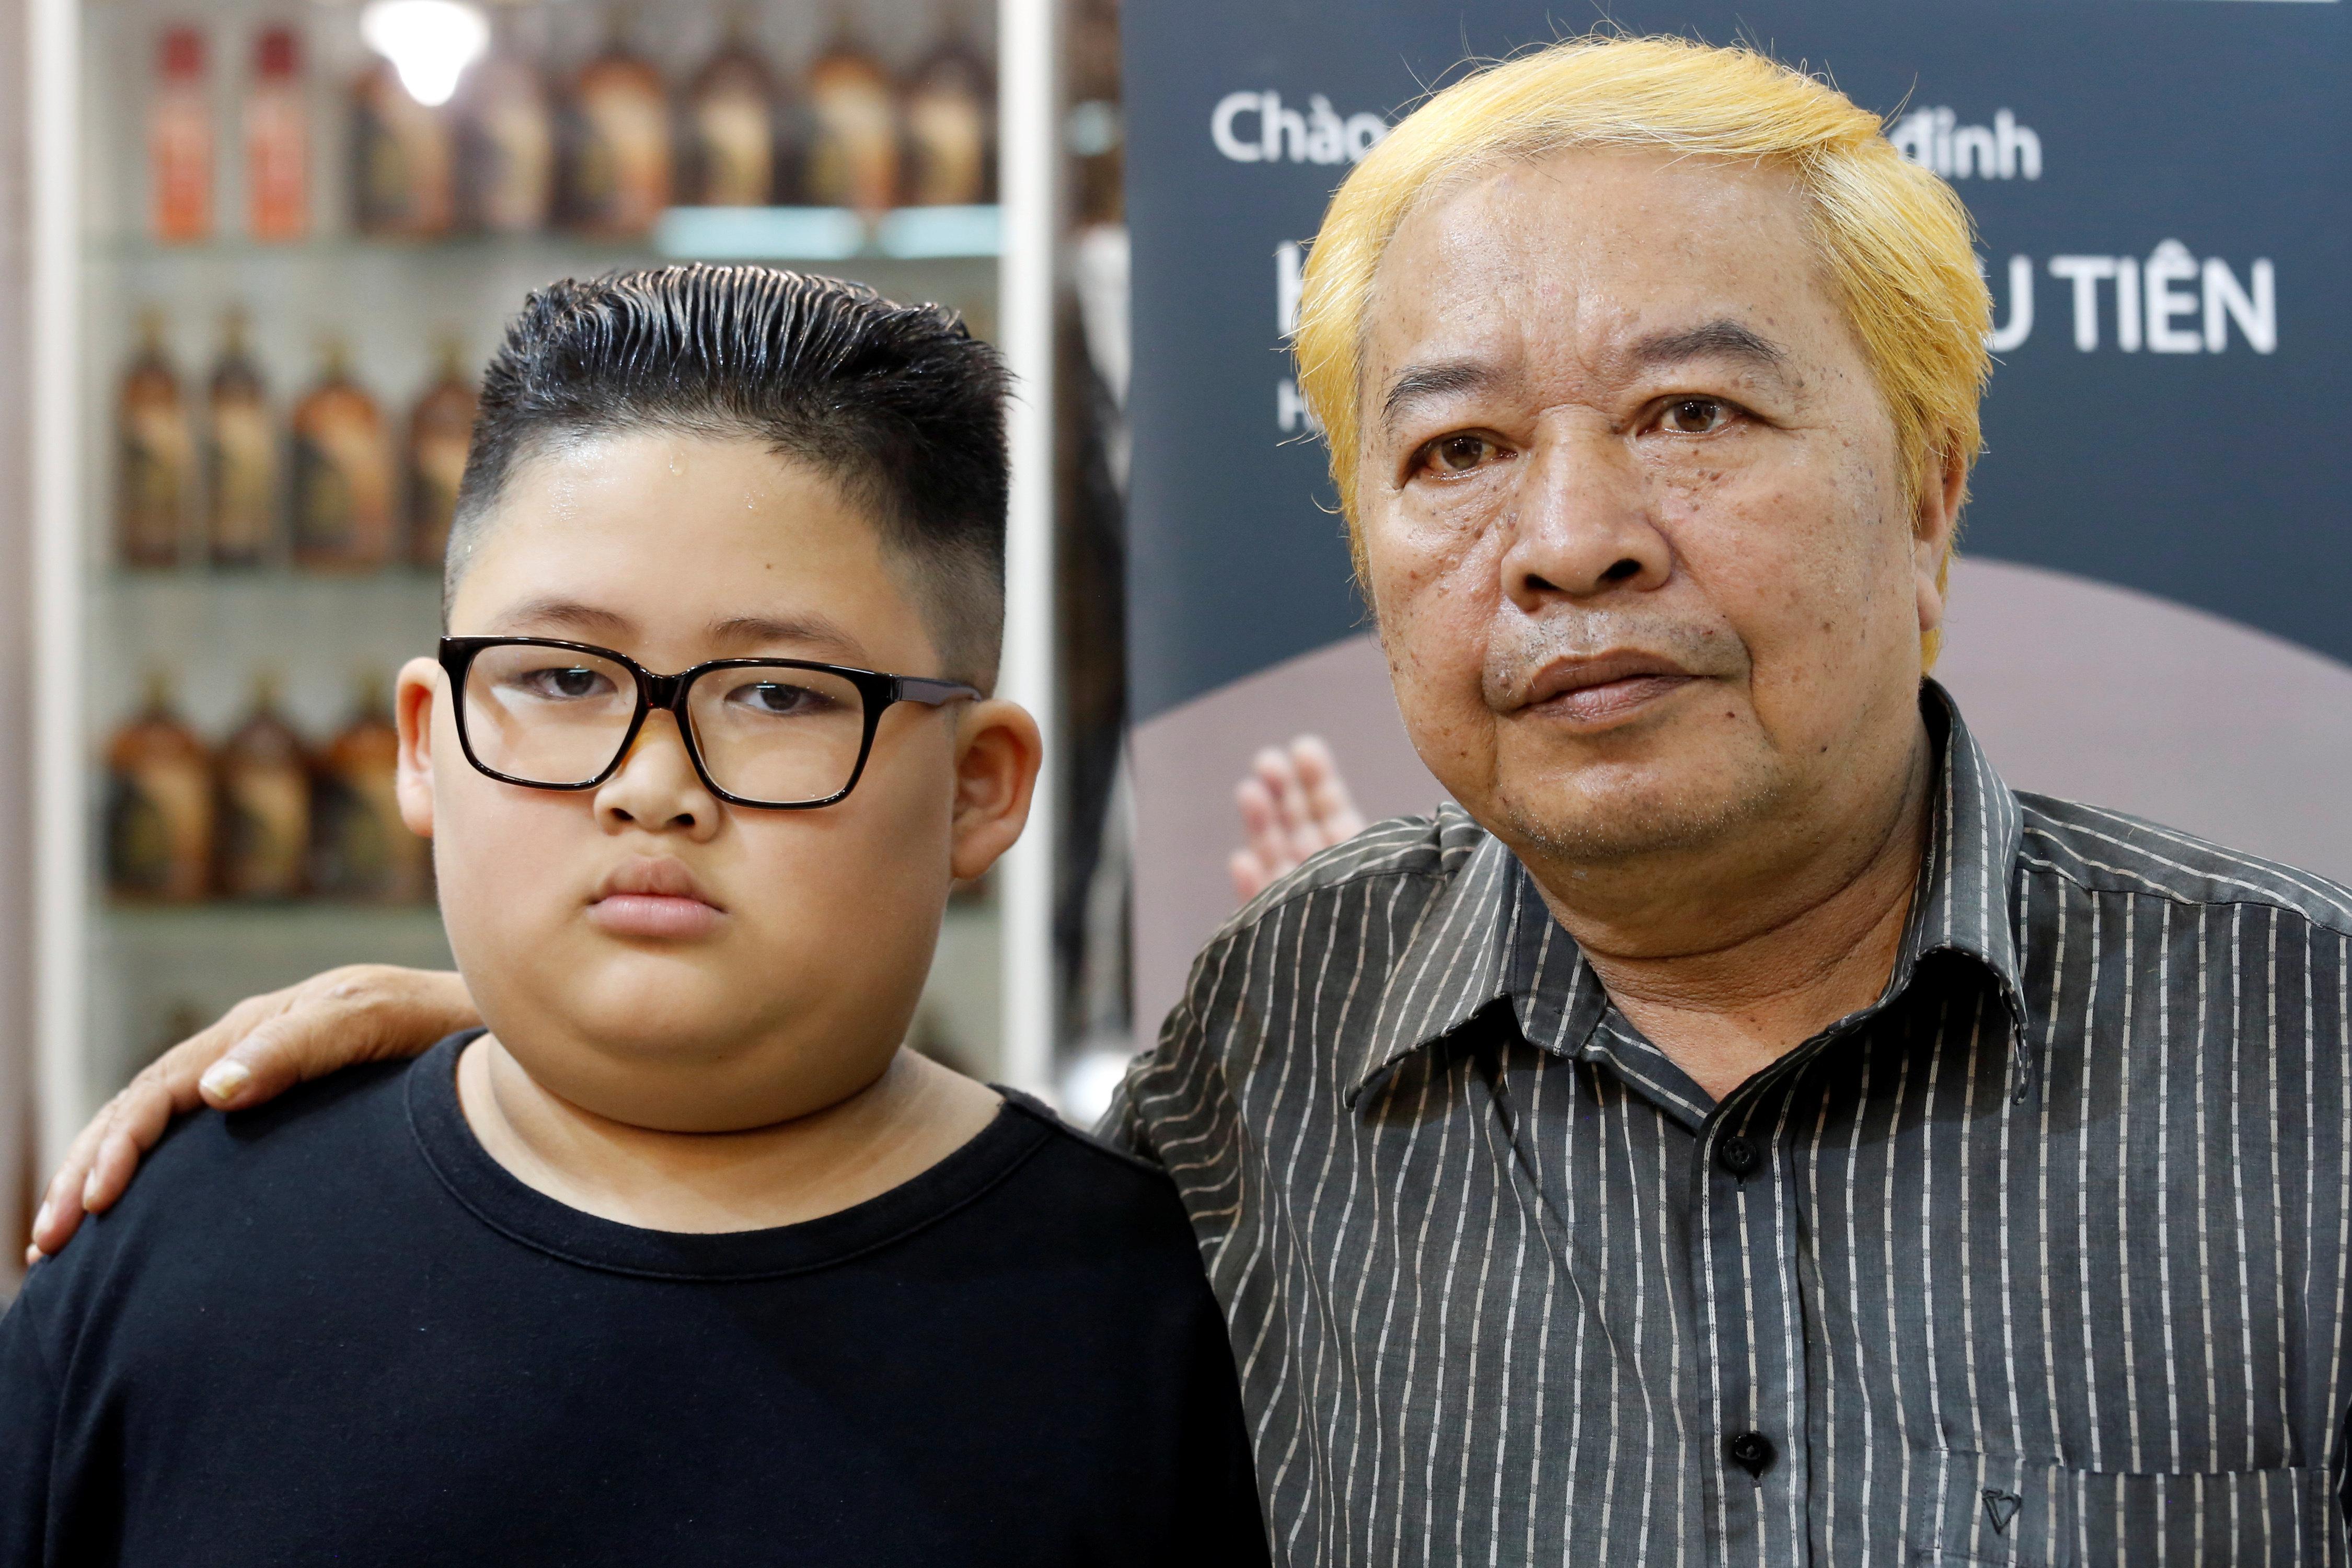 하노이 이발소가 '김정은-트럼프 스타일 이발은 공짜' 이벤트를